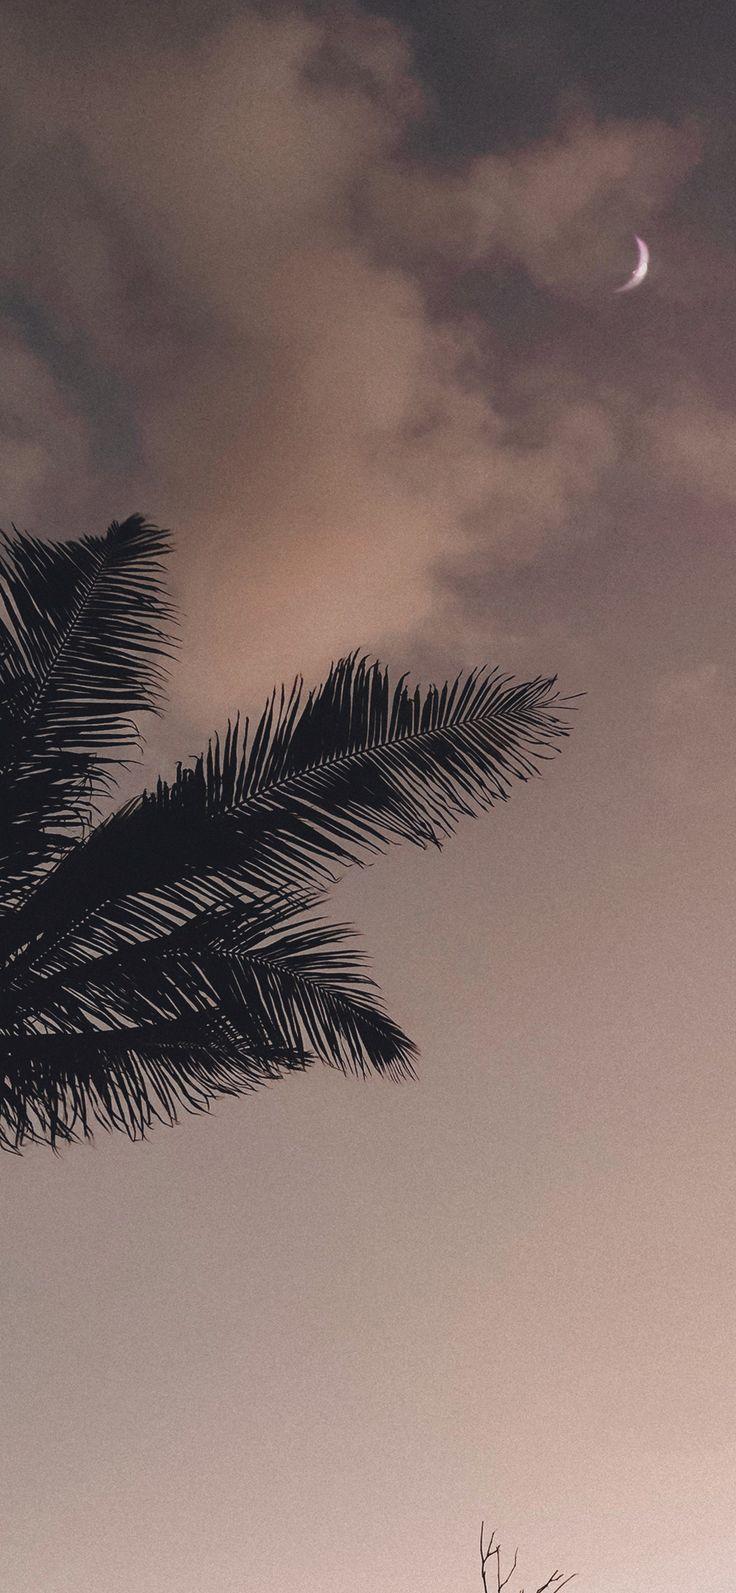 Palme unter abendlichem Himmel | Handy Hintergrundbild – #abendlichem #handy #Himmel #Hintergrundbild #Palme